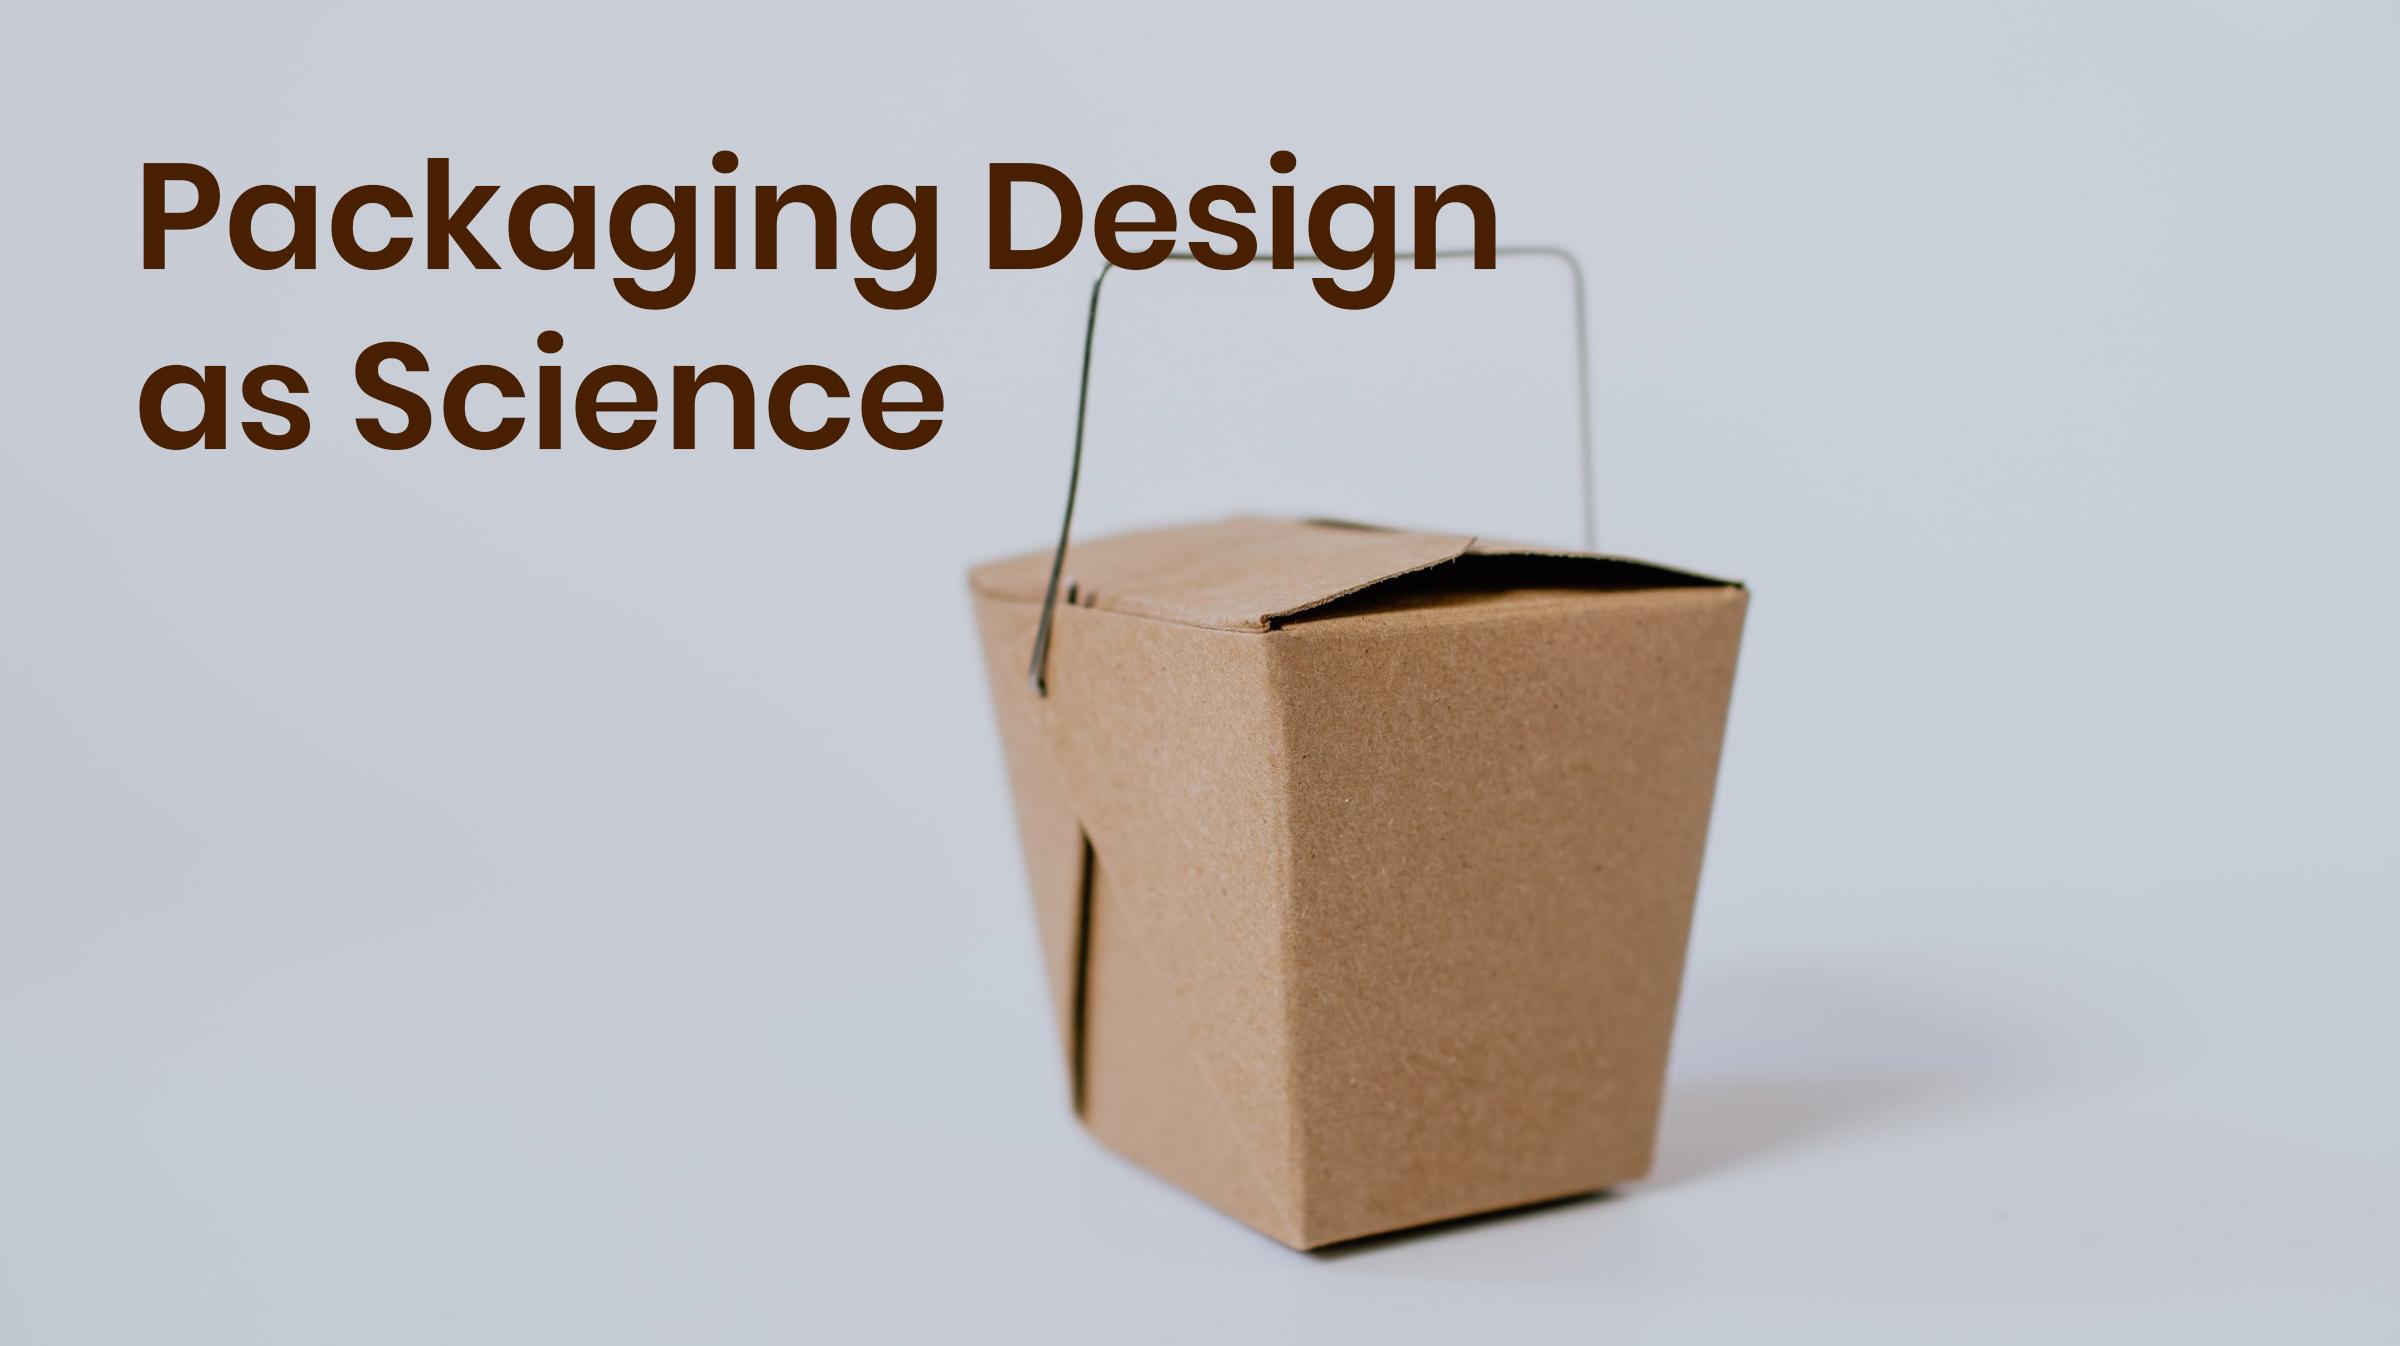 Packaging design as science